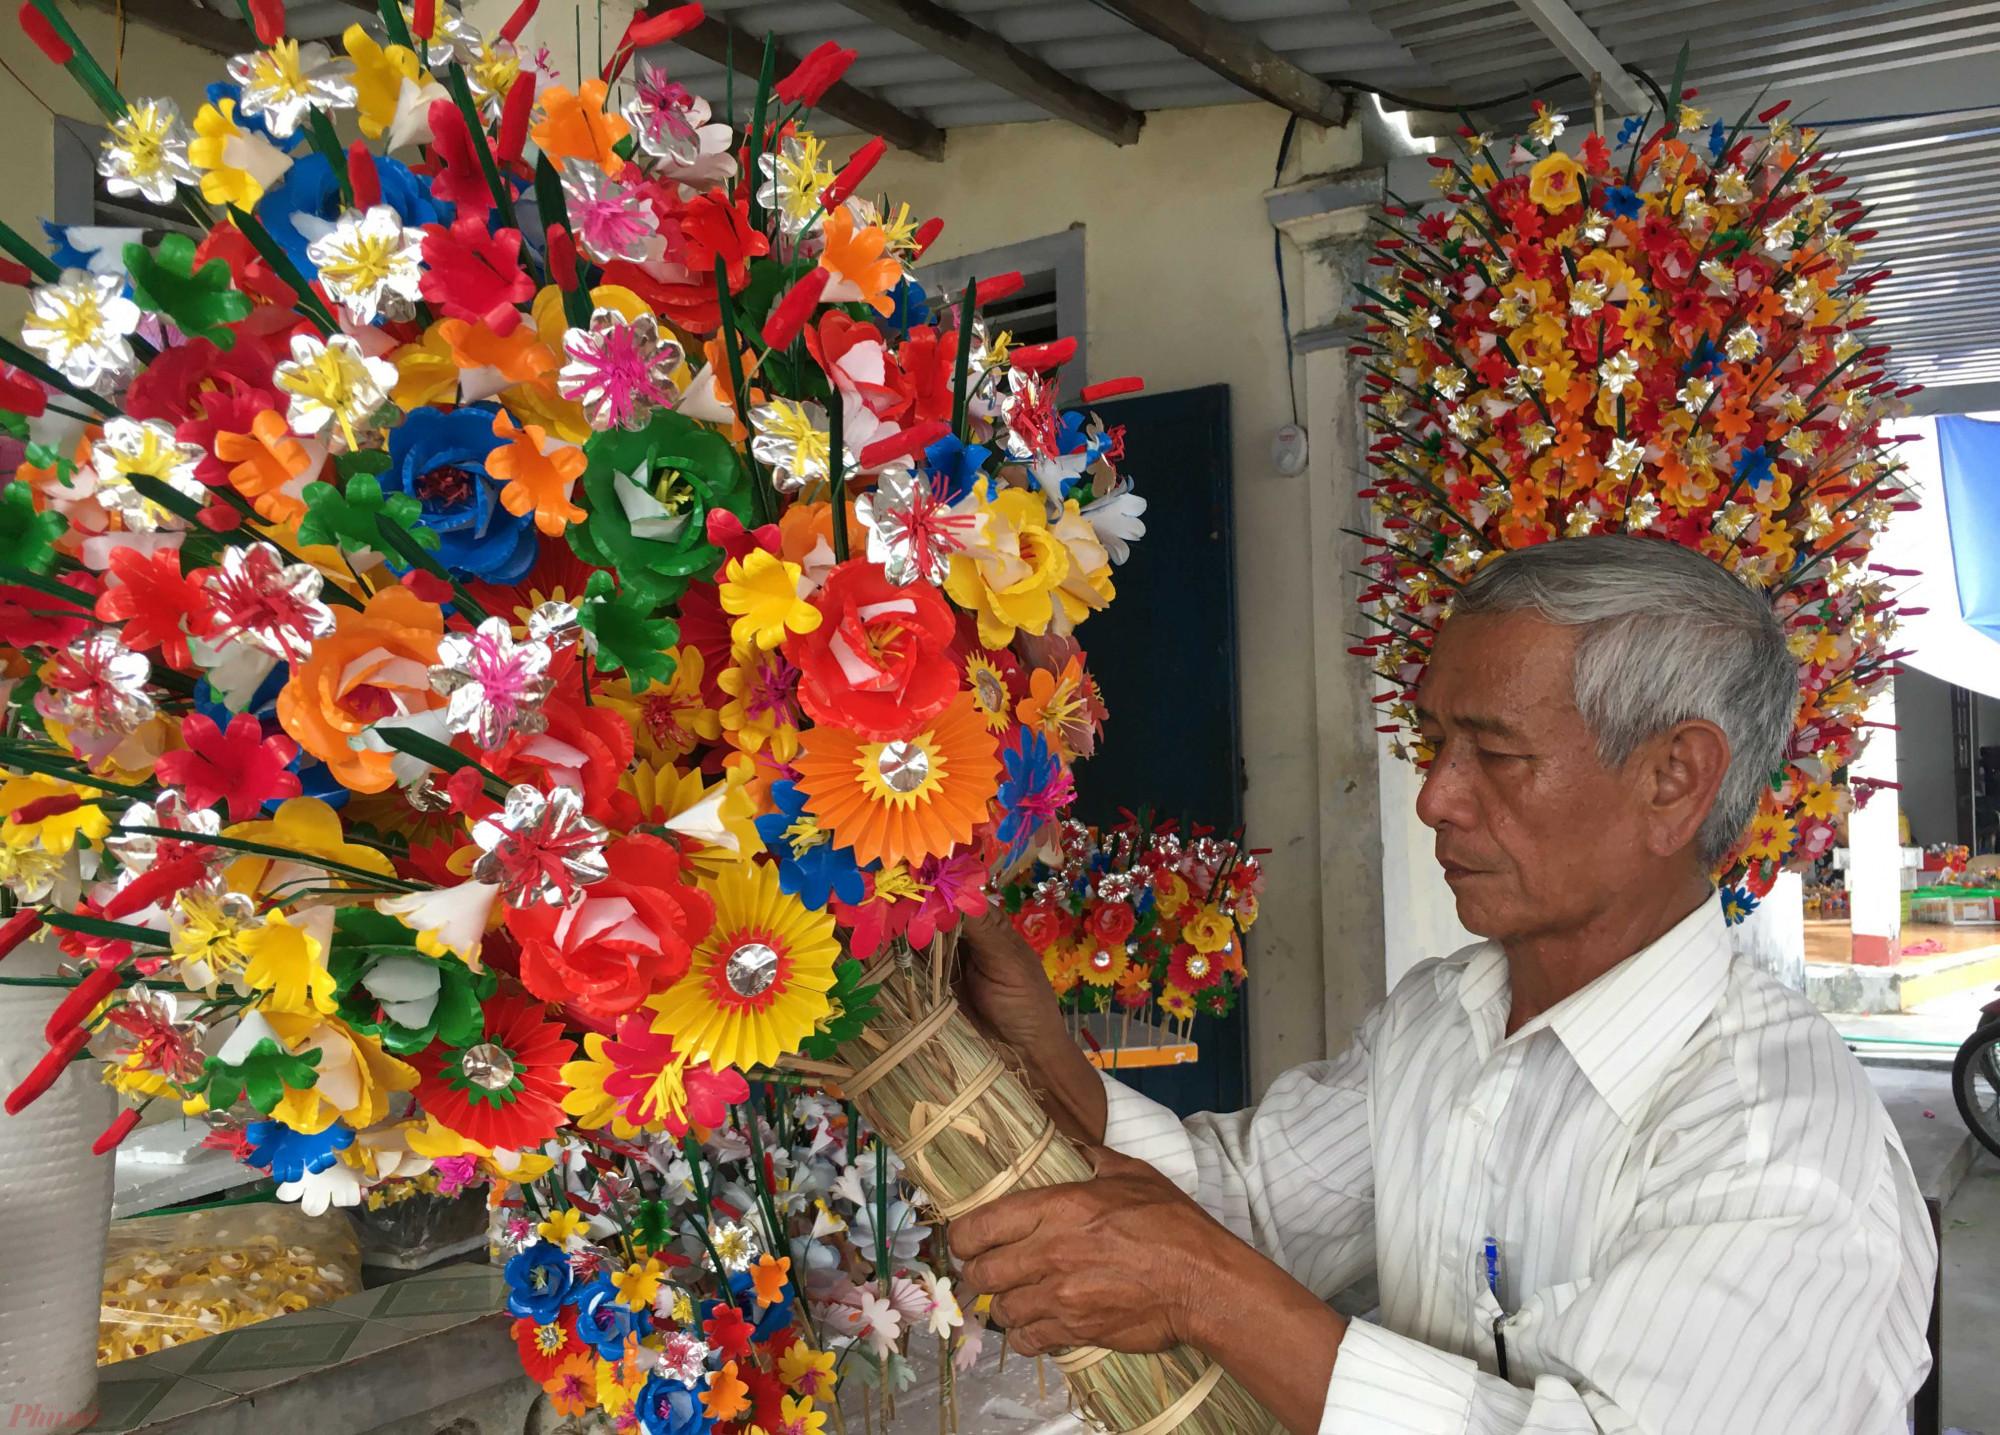 Ông Nguyễn Hóa, một trong những người nghệ nhân có tâm huyết nhất với nghề truyền thống hoa giấy ở Thanh Tiên. Theo ông Hóa thì hiện nay số hộ còn theo nghề không quá 10 hộ, chủ yếu sản xuất theo thời vụ (phục vụ mùa tết). Lý do là bởi làm hoa giấy thờ cúng cho thu nhập quá thấp